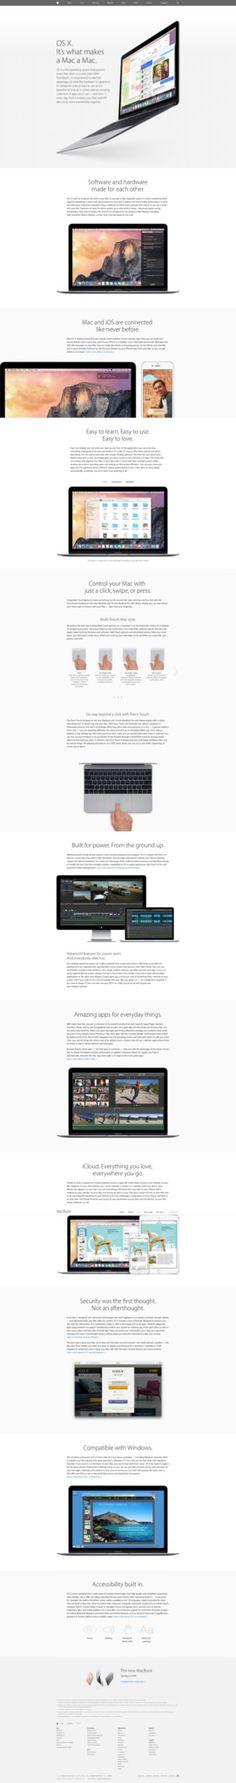 https://flic.kr/p/rxyT1D | Apple - MacBook - OS X